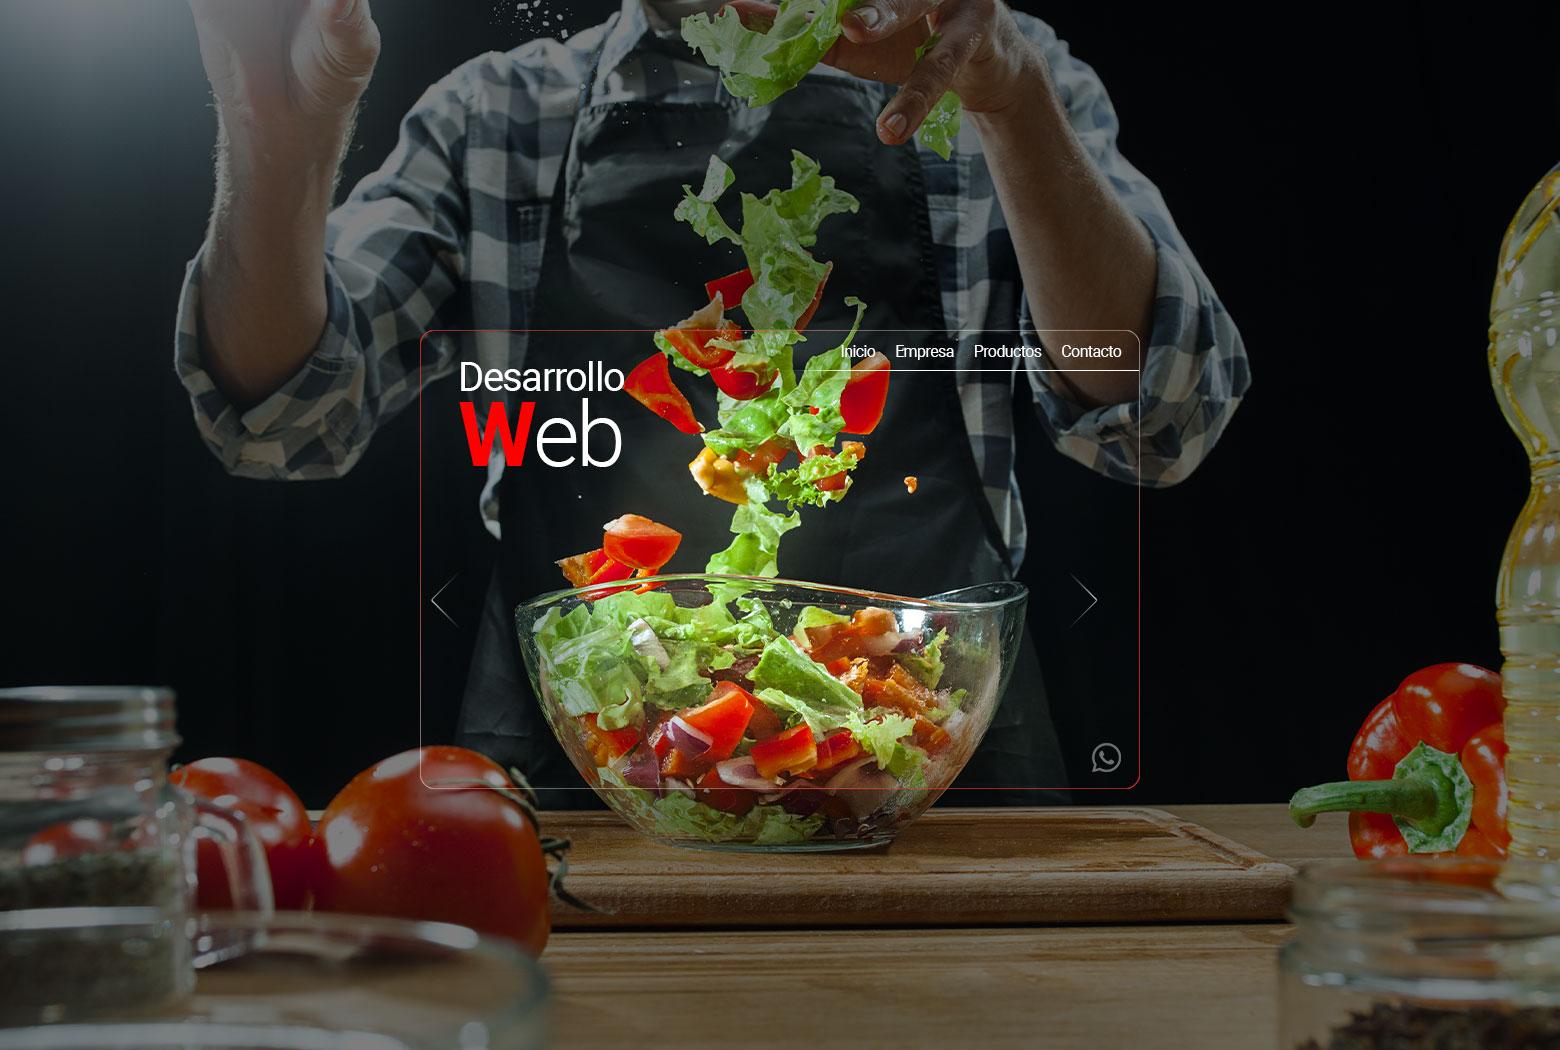 Desarrollo-Web1c